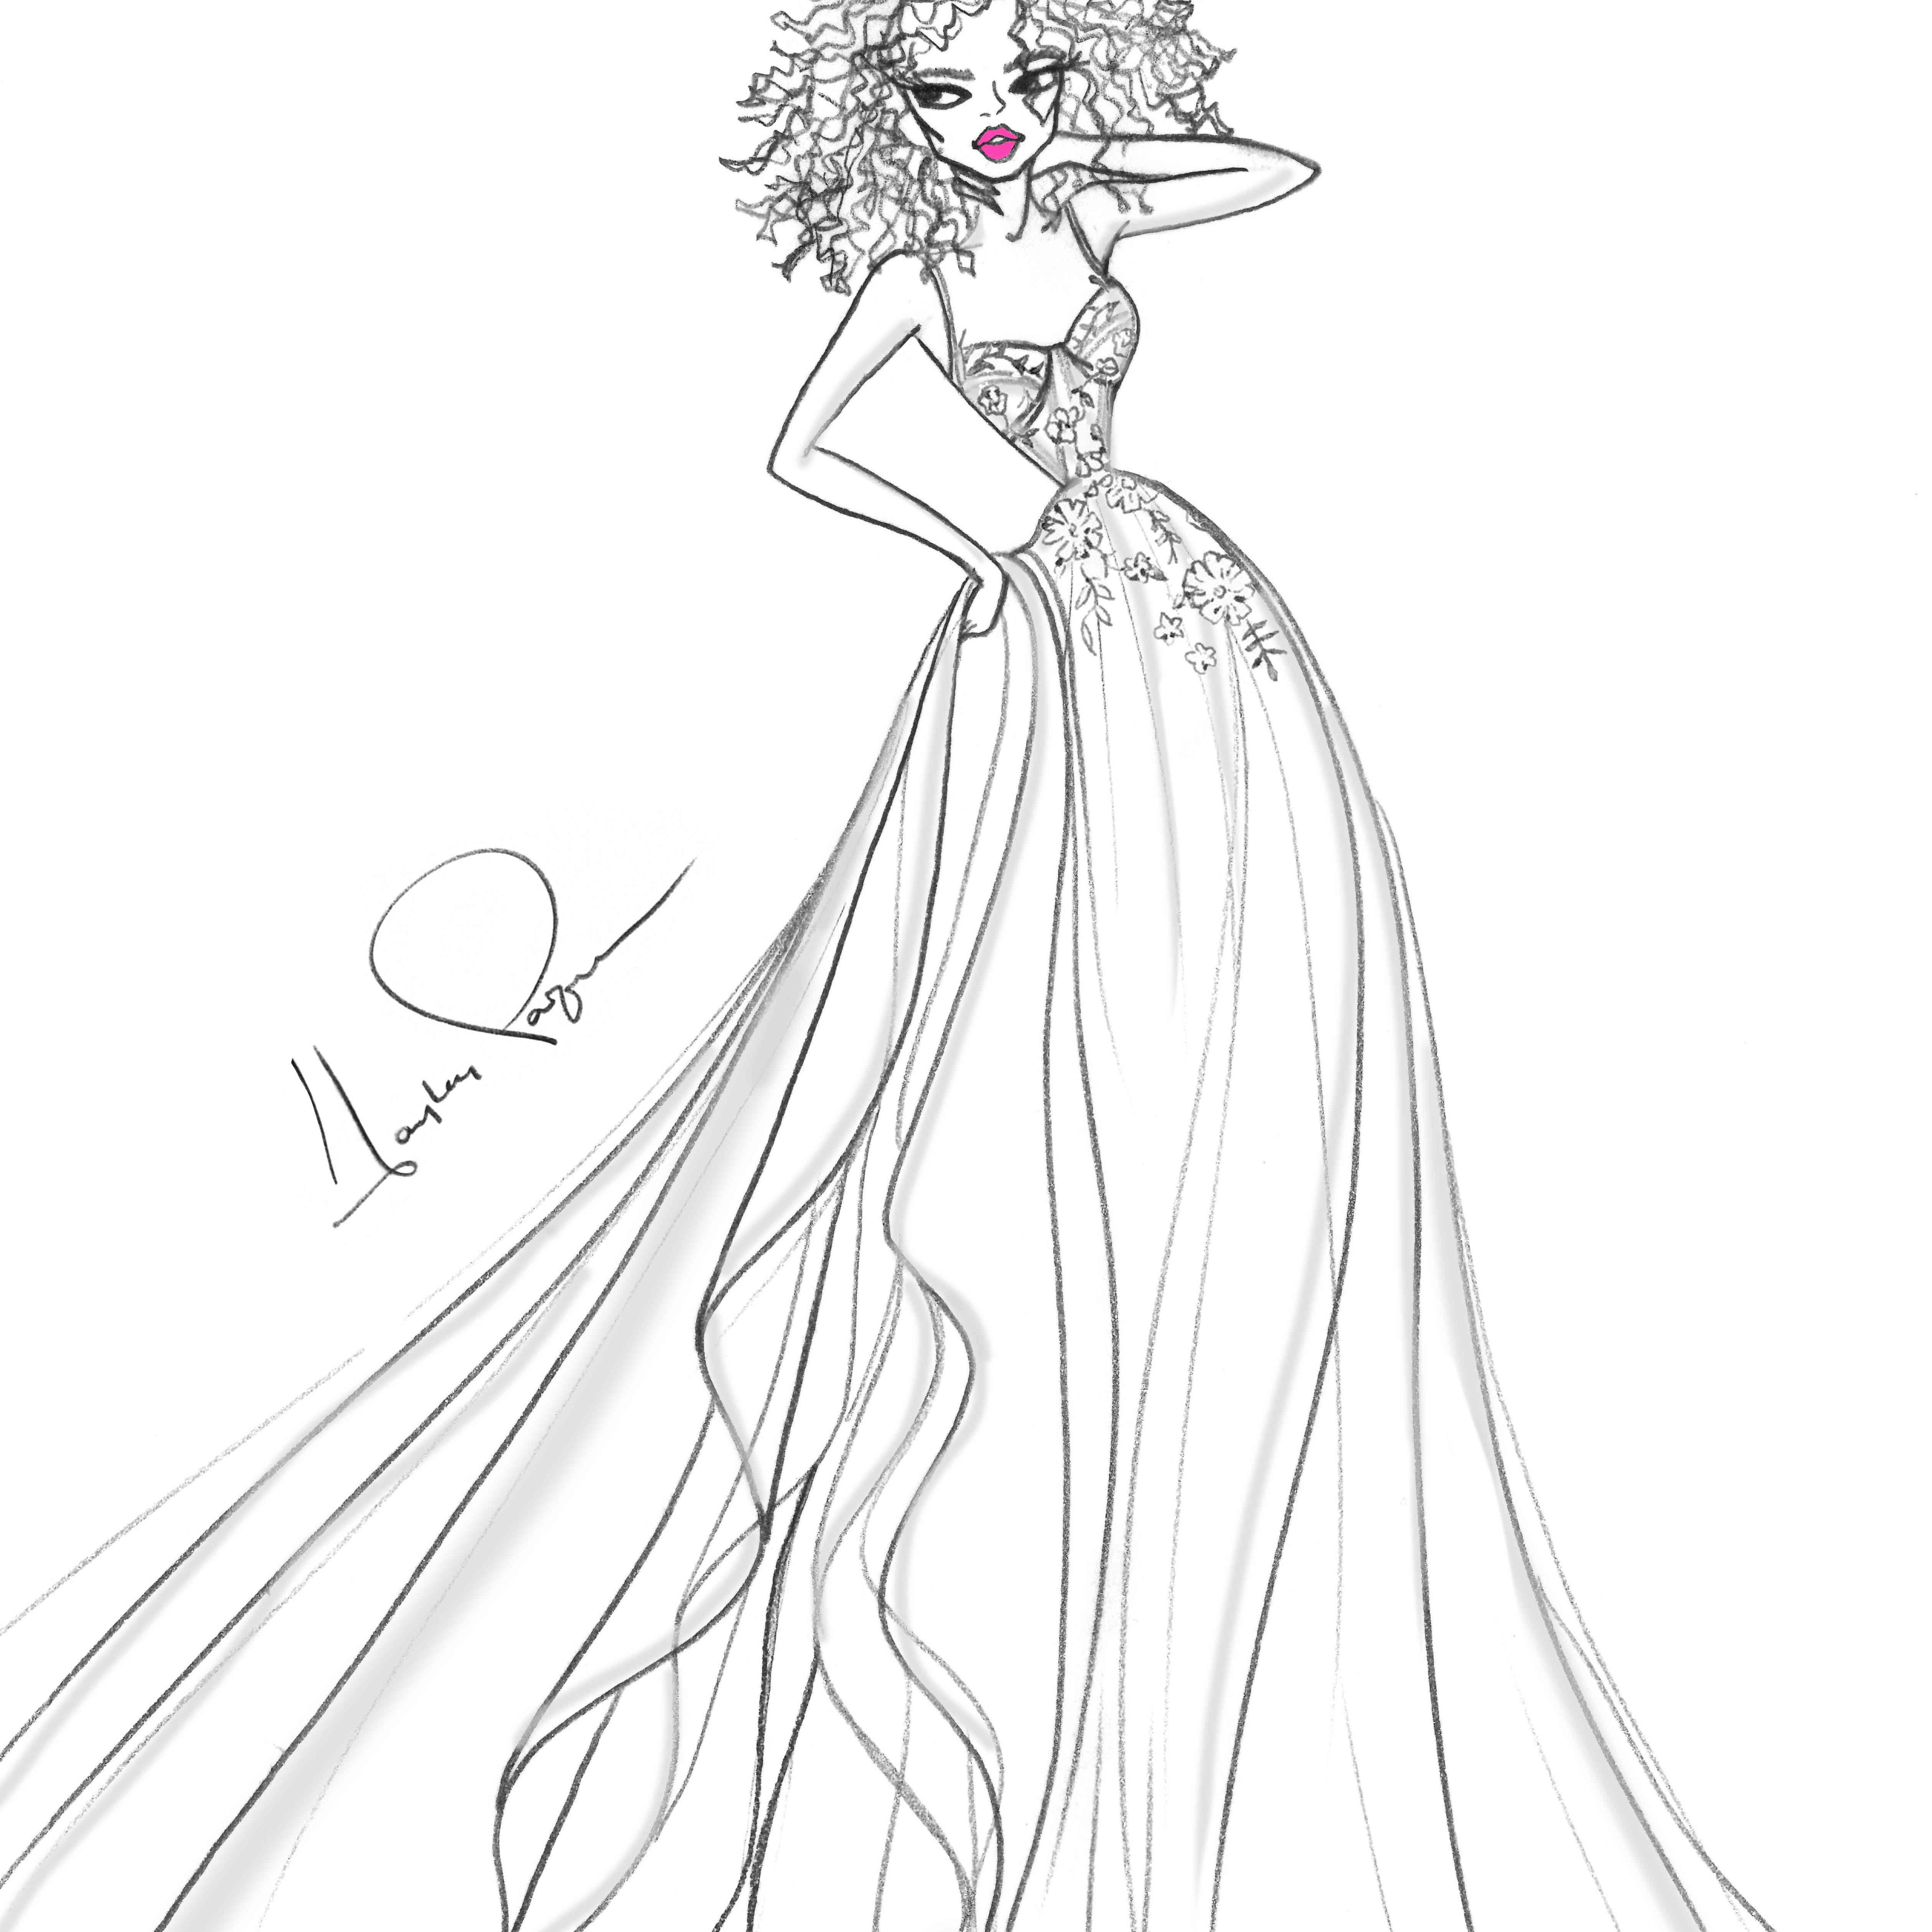 Blush by Hayley Paige Bridal Fashion Week Fall 2020 Sketch